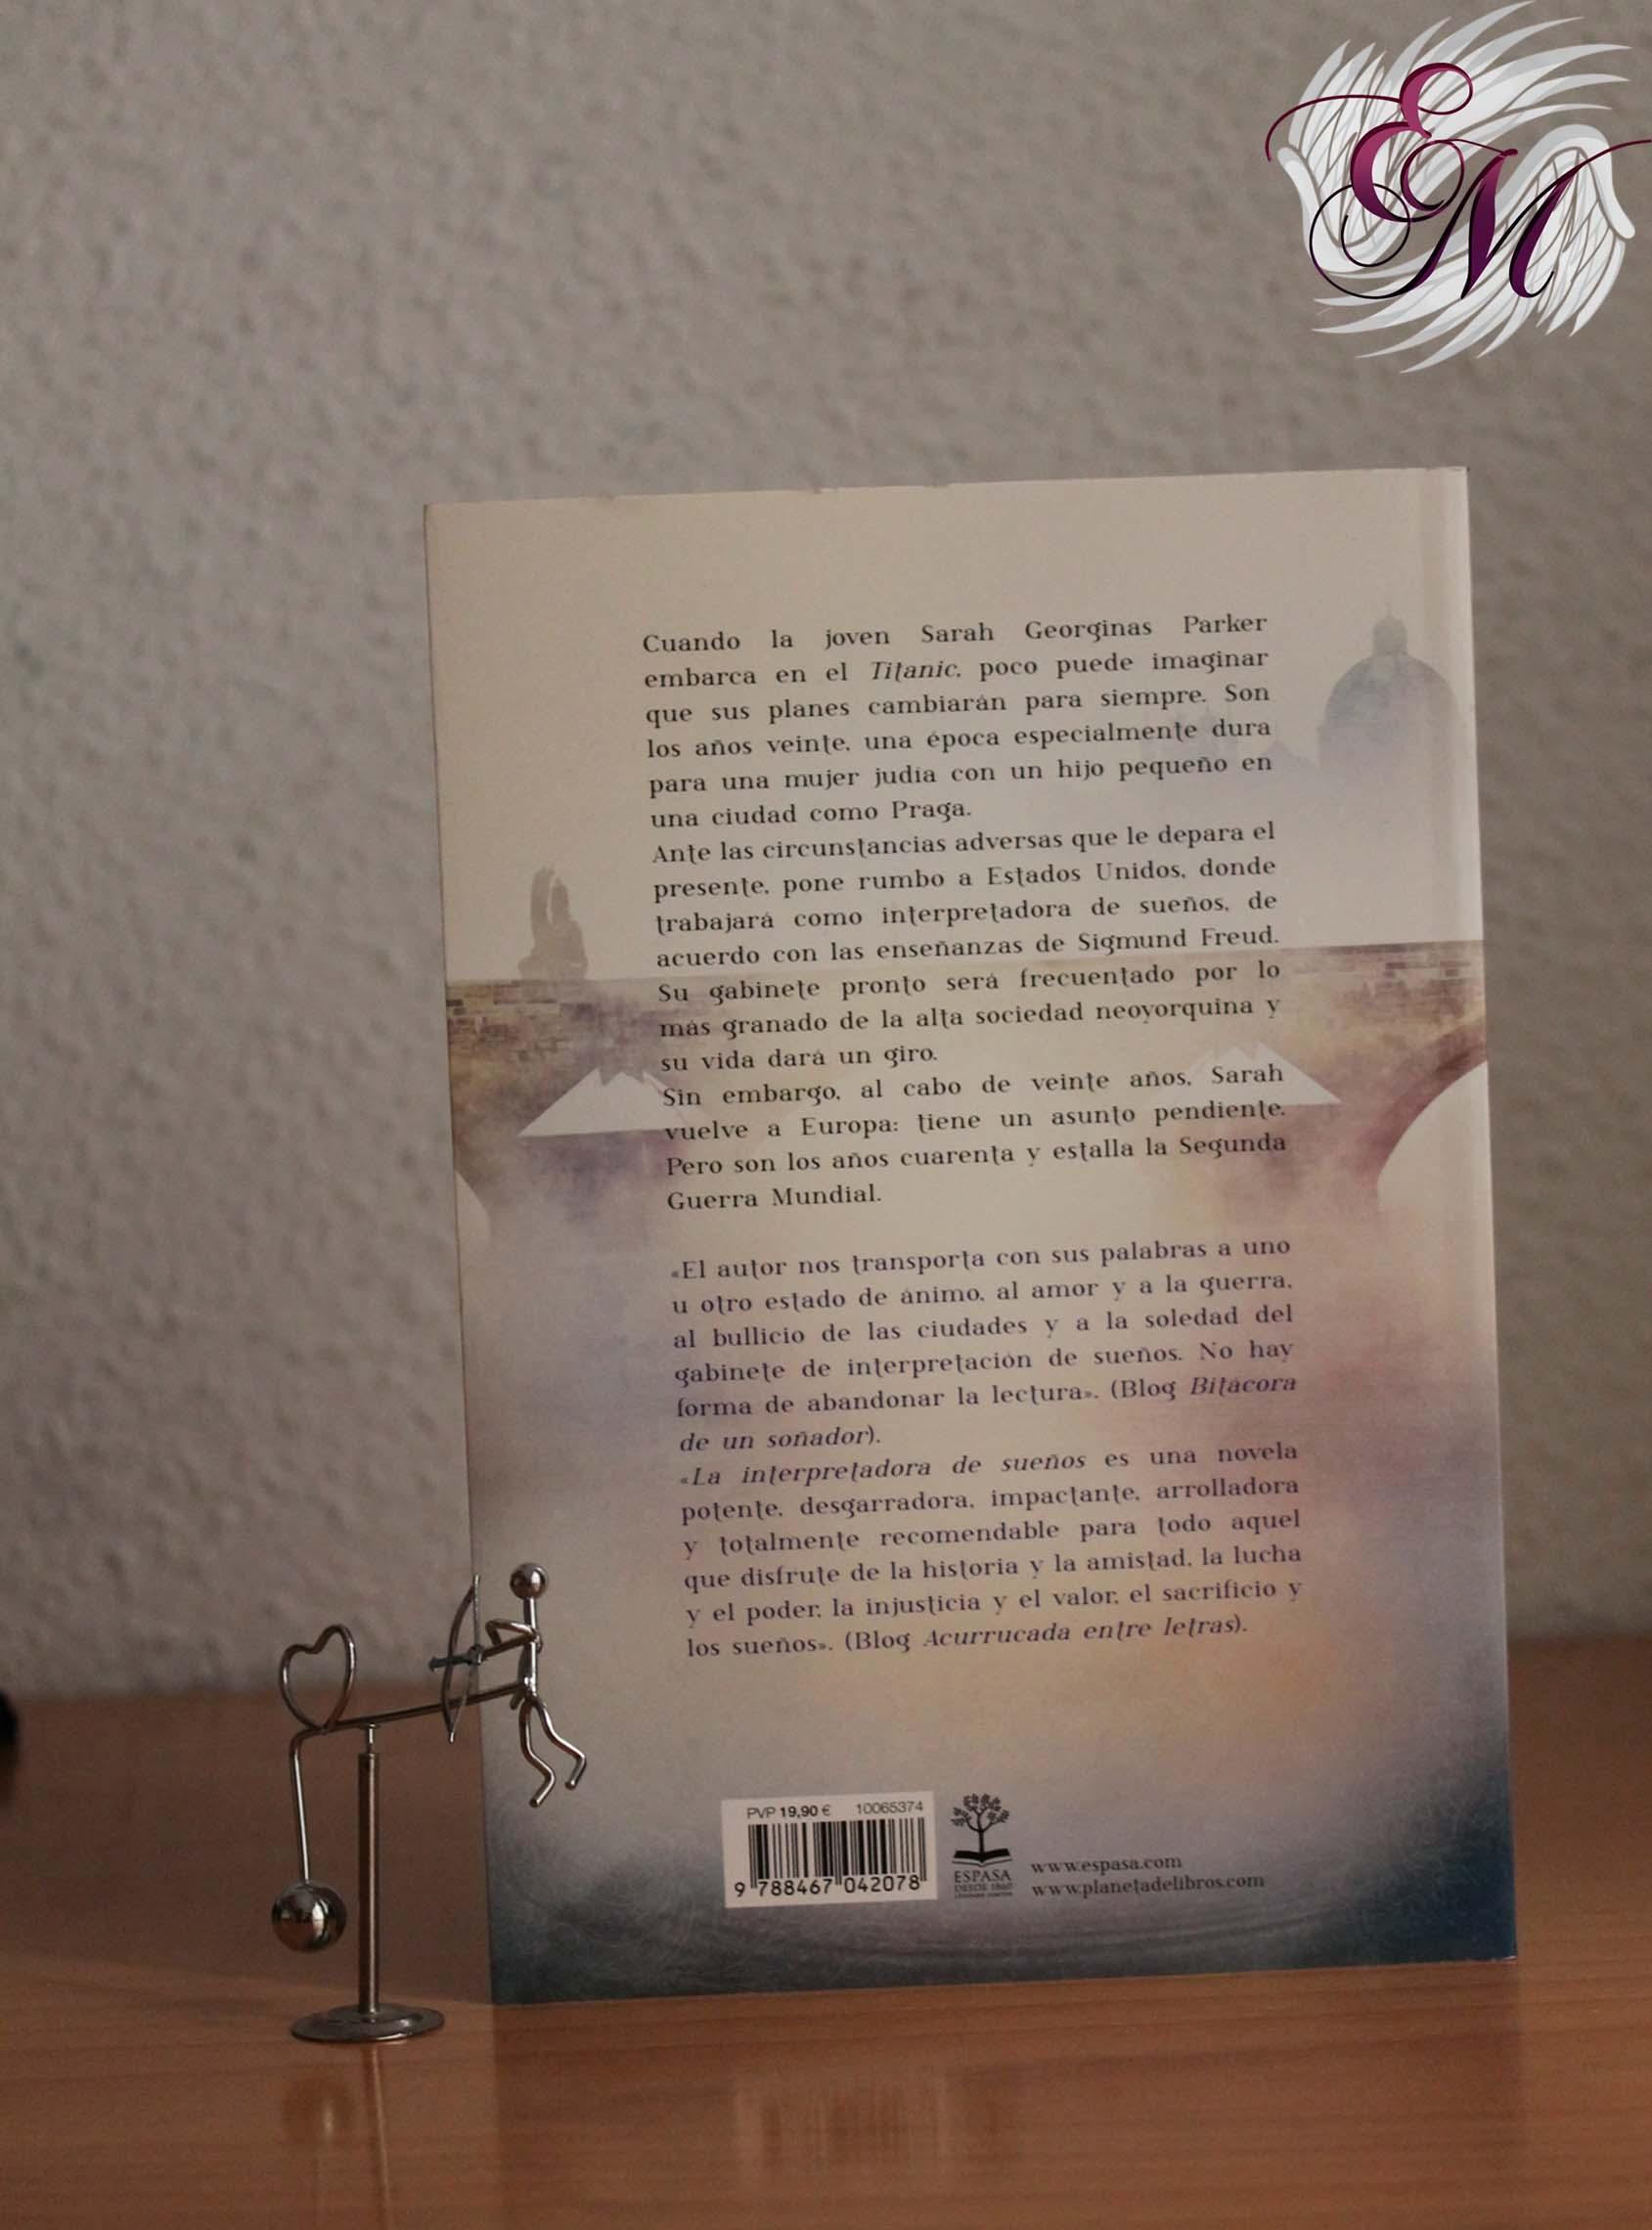 La interpretadora de sueños, de Rafael R. Cuesta – Reseña